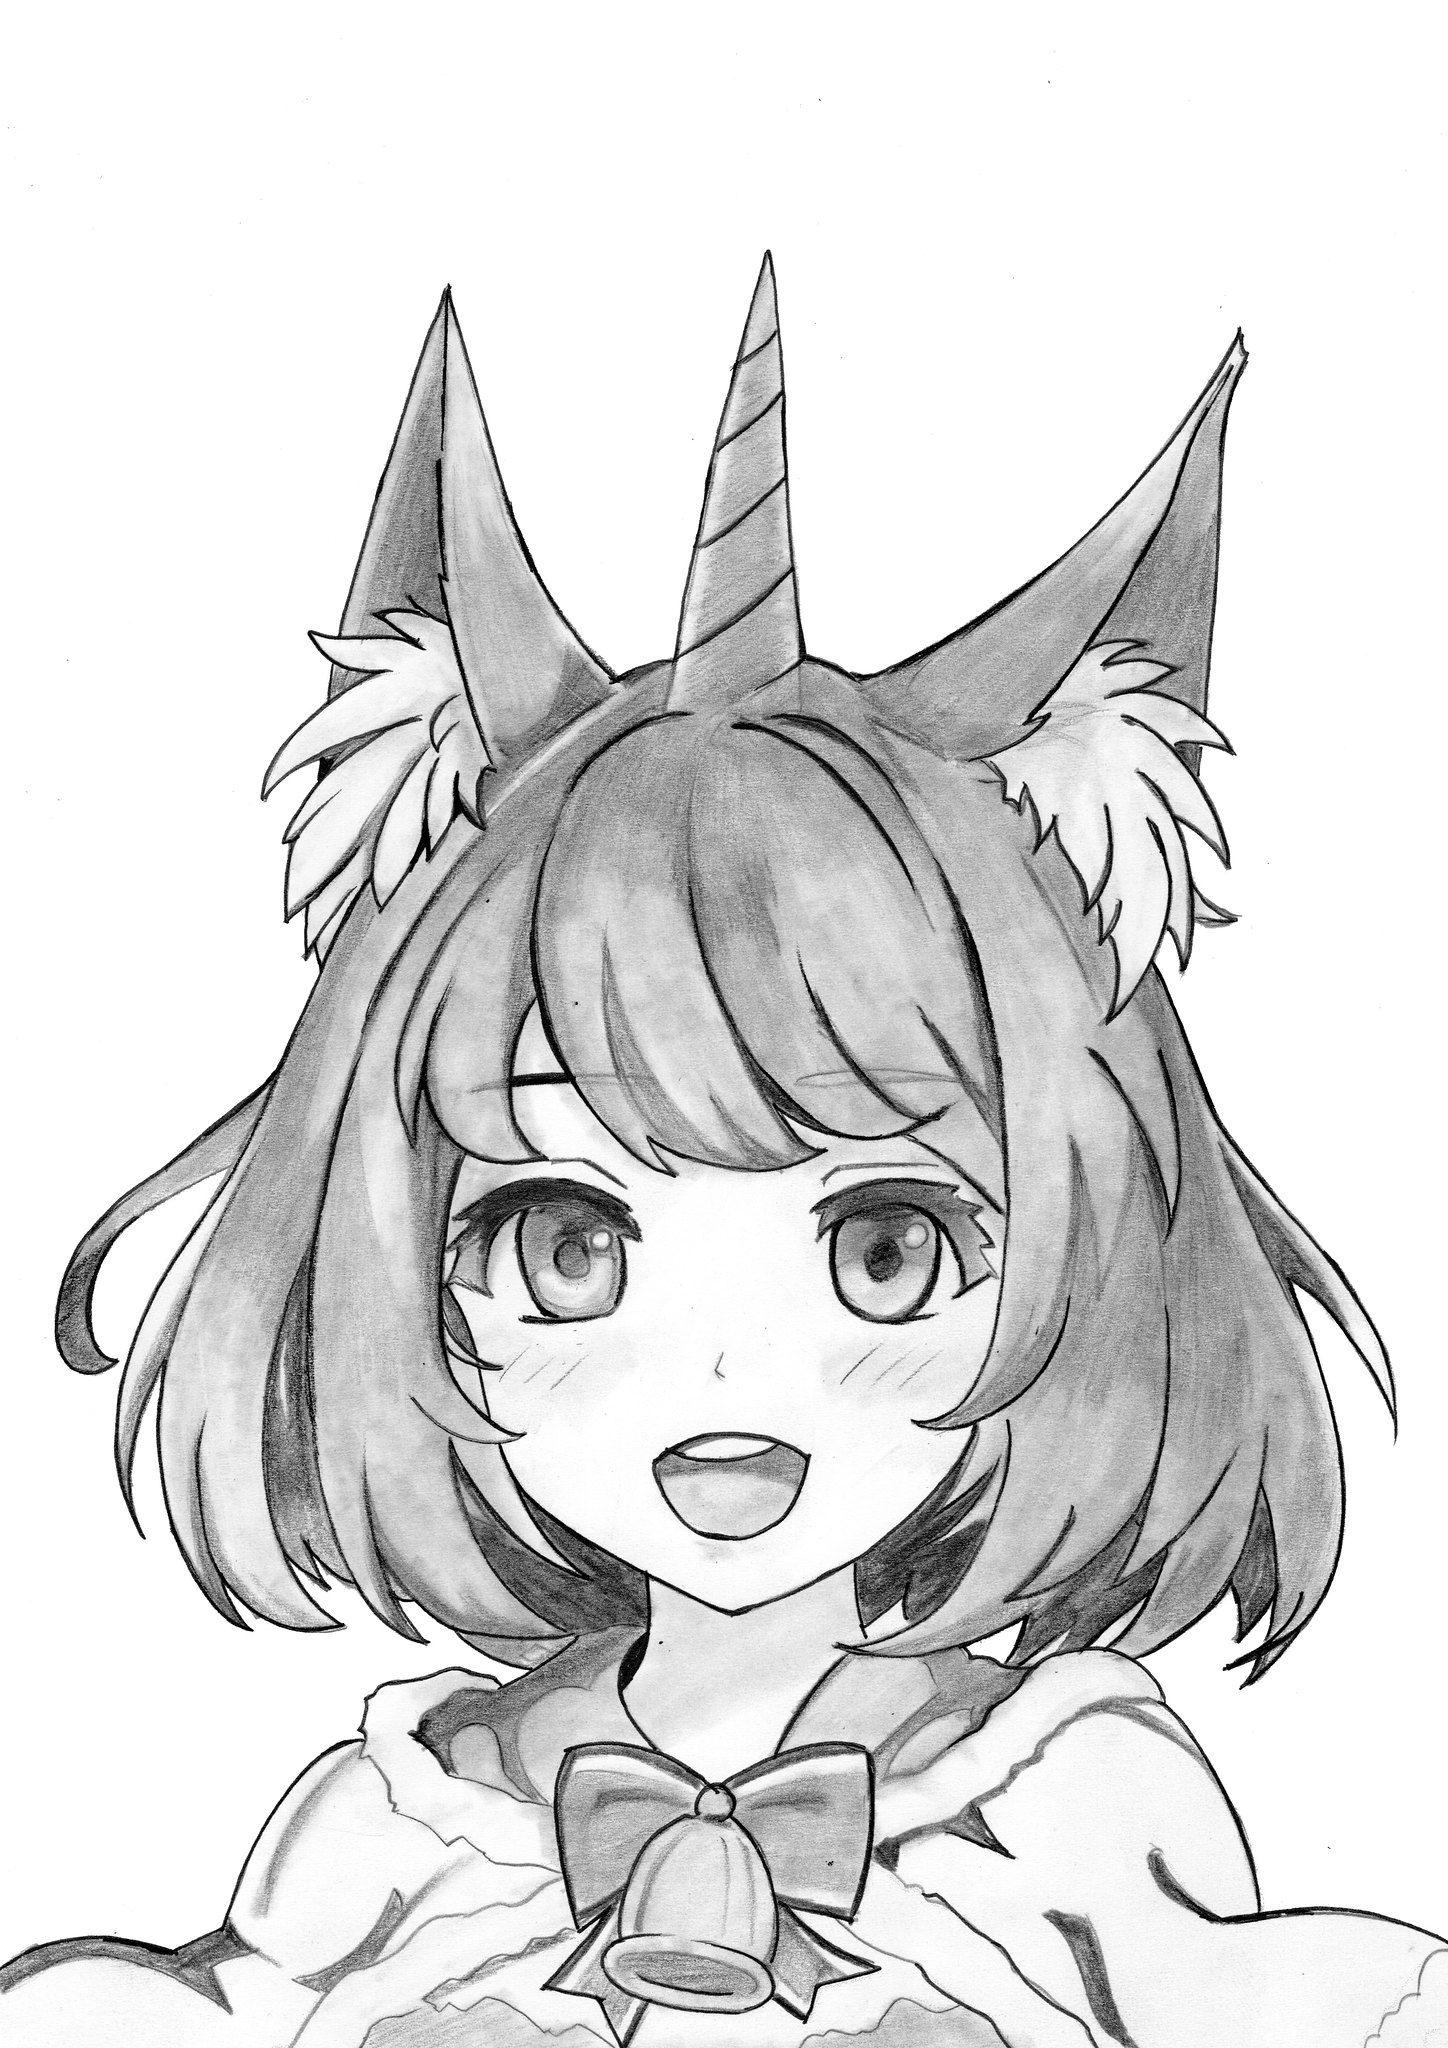 Drawing Cute Anime Unicorn Girl in 2020 Cute drawings